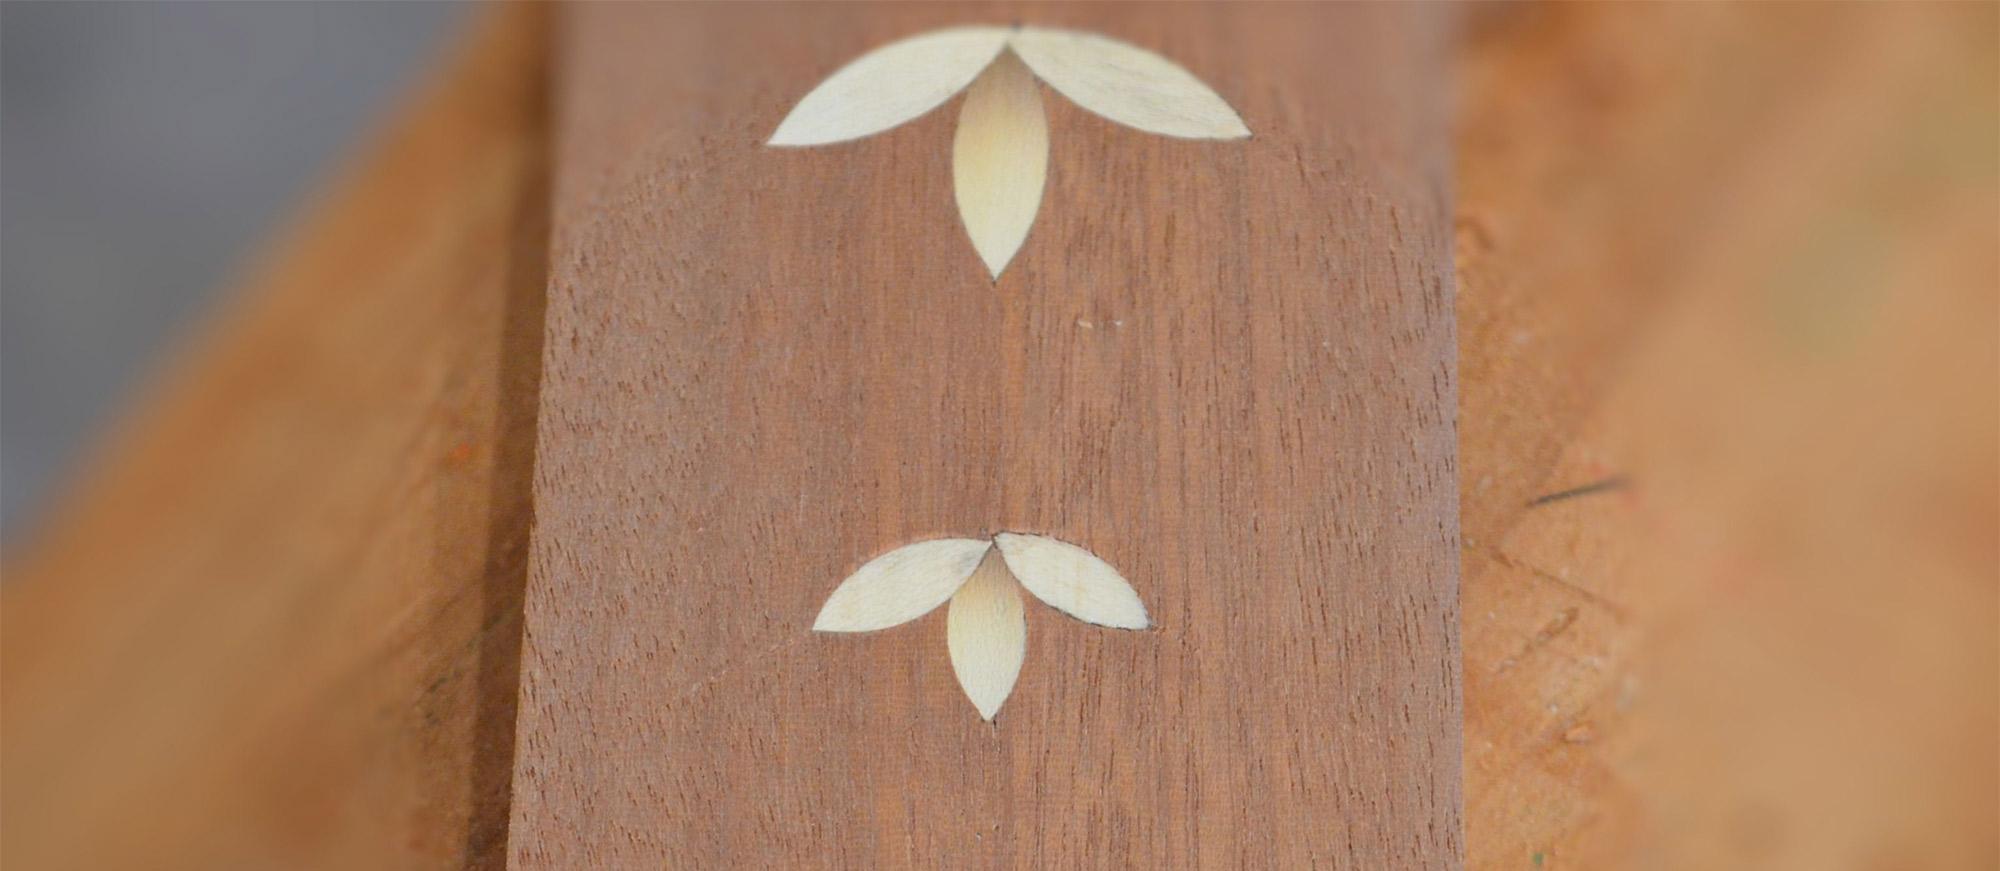 Simple Bellflower Inlays